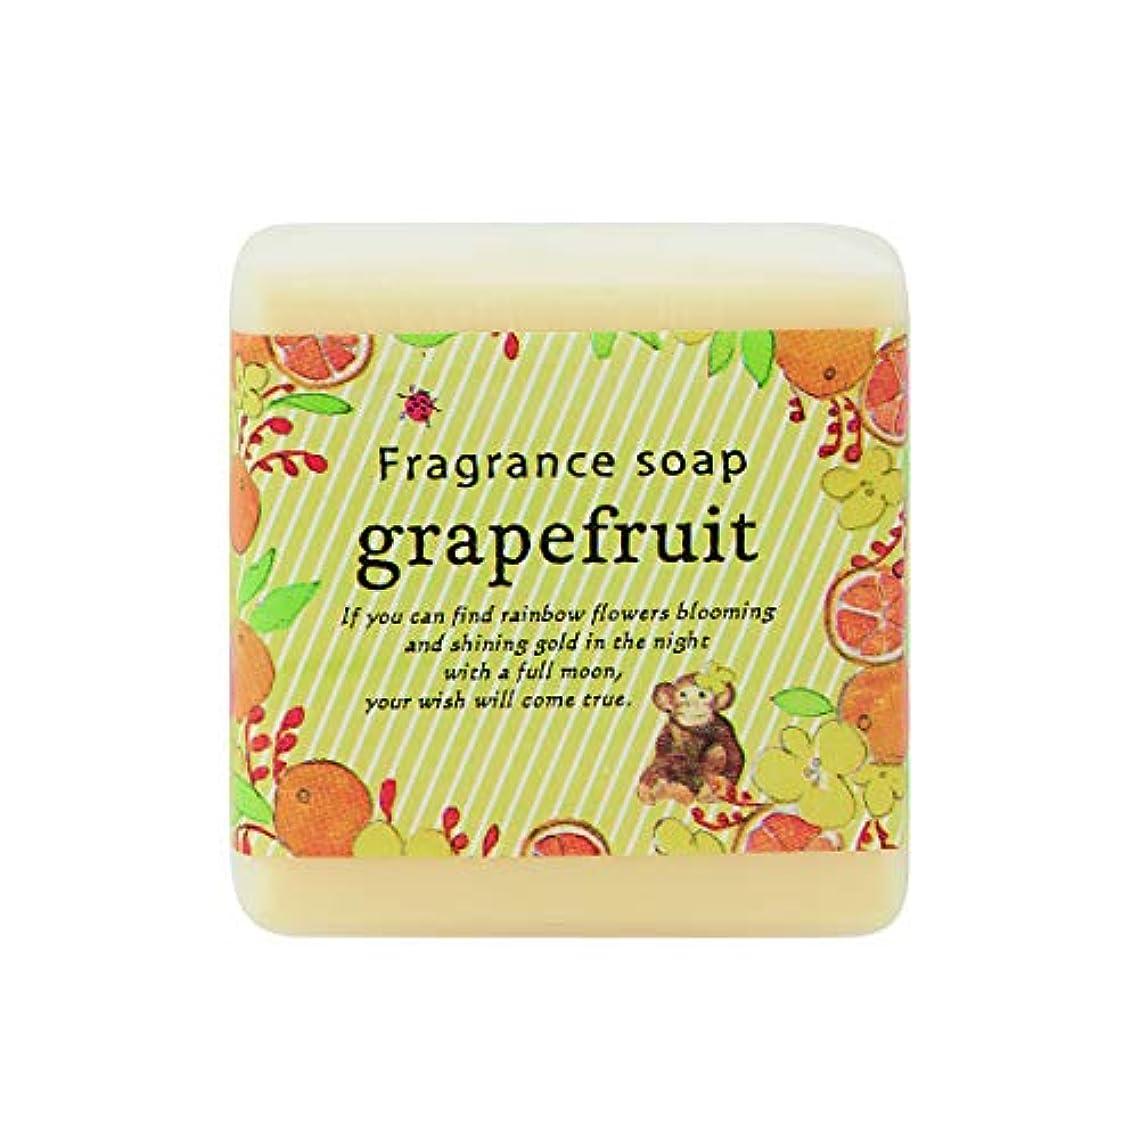 雨の遠征資産サンハーブ フレグランスソープ40g グレープフルーツ 12個(プチ石けん ゲストソープ シャキっとまぶしい柑橘系の香り)